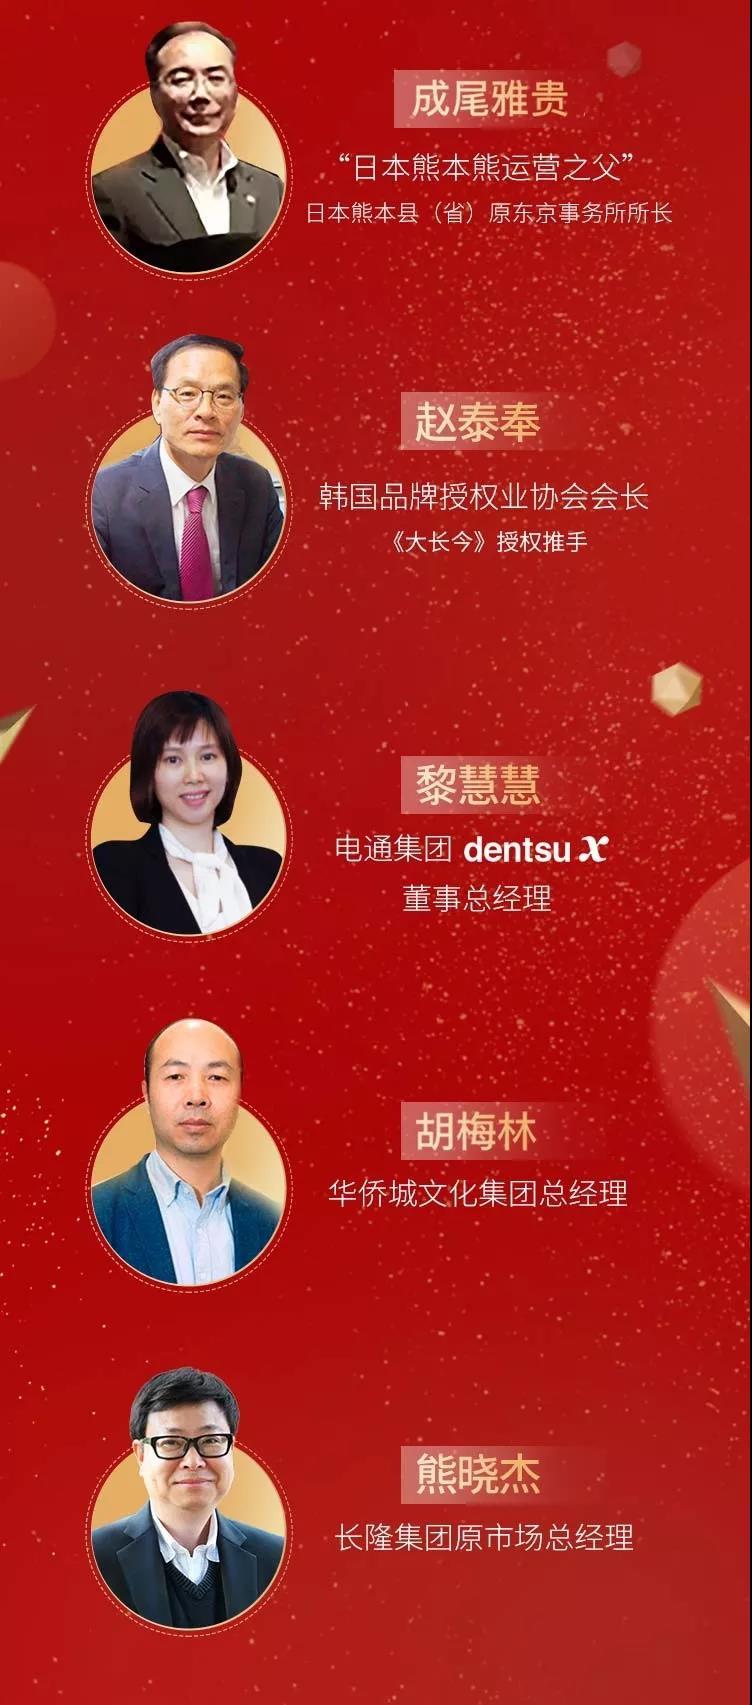 2019粤港澳大湾区首届文旅研习会(12月深圳)